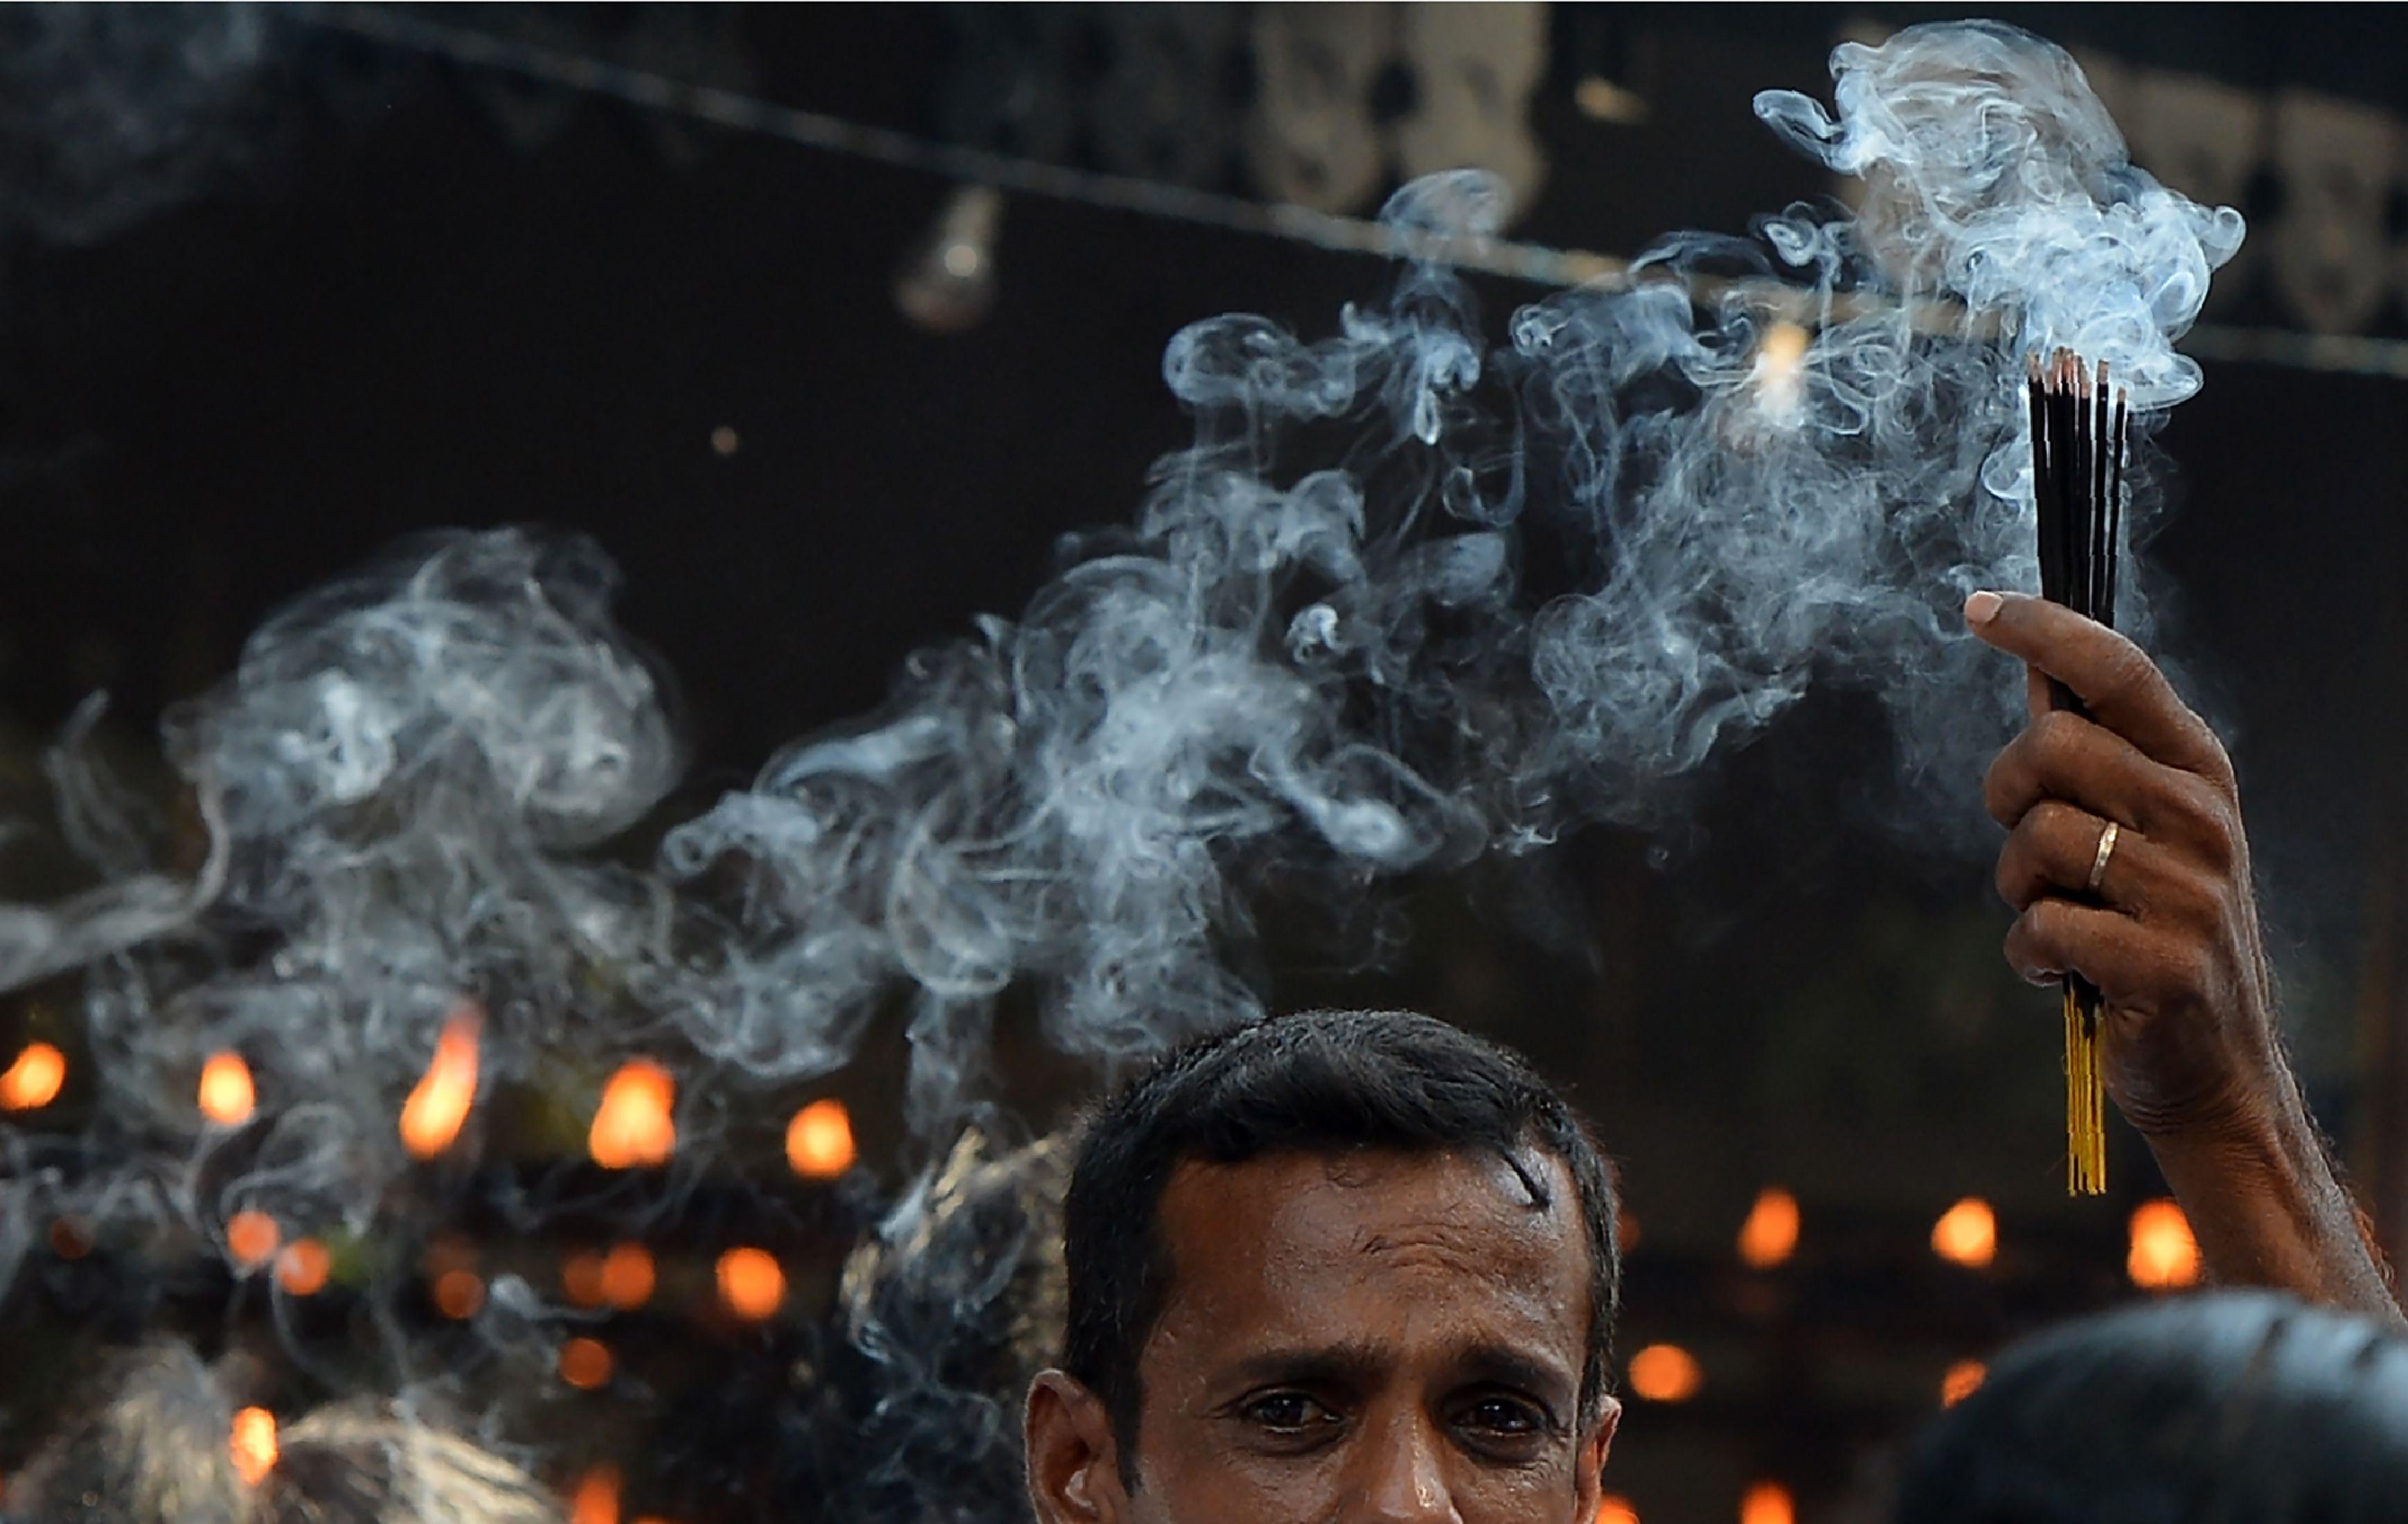 رجل يشعل البخور داخل معبد بوذى فى سريلانكا